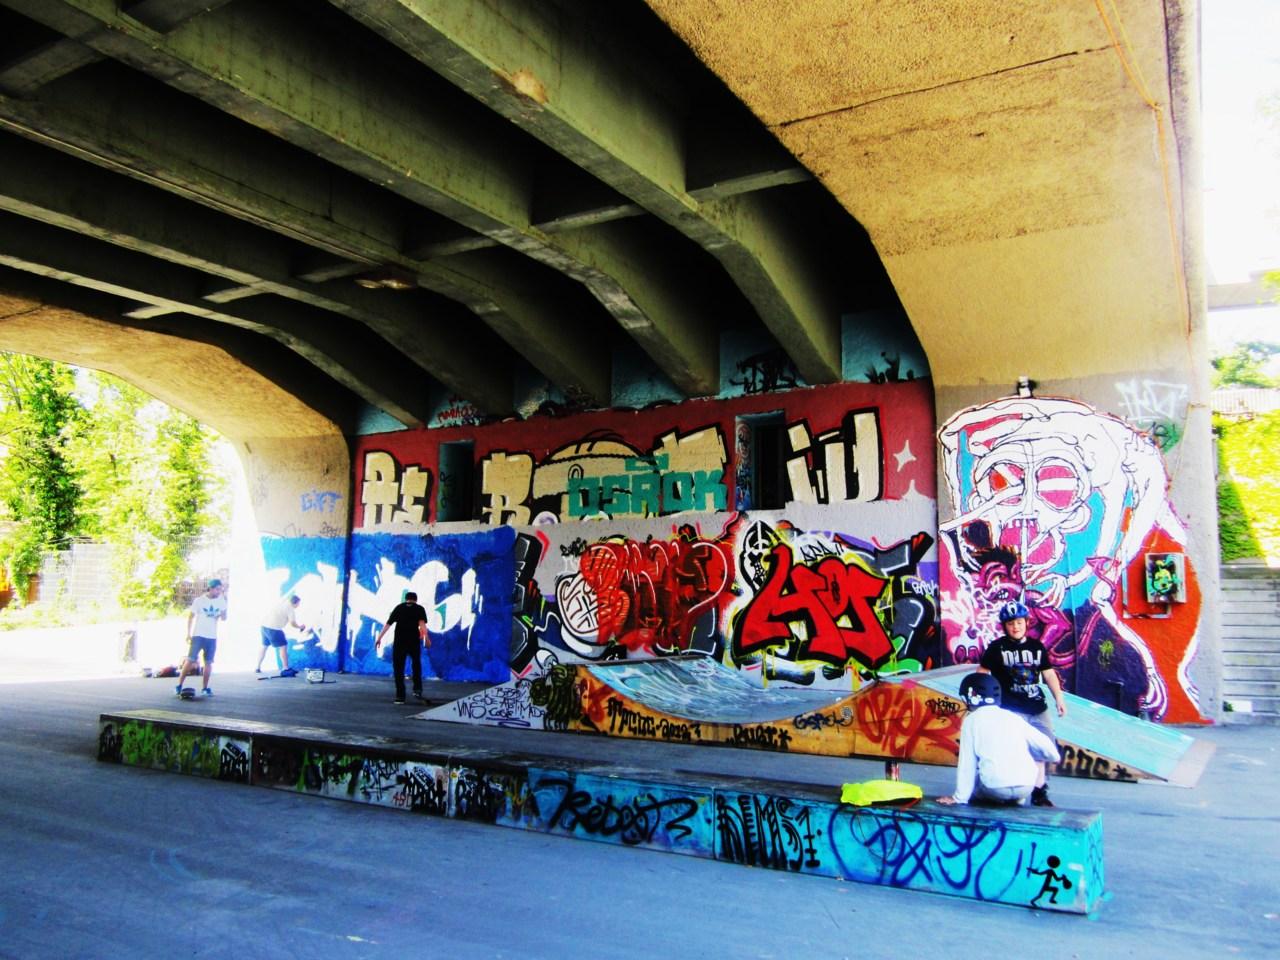 Gefunden beiarinacretu. Unter der Korchnhausbrücke gleich beim Letten. Spricht für sich…